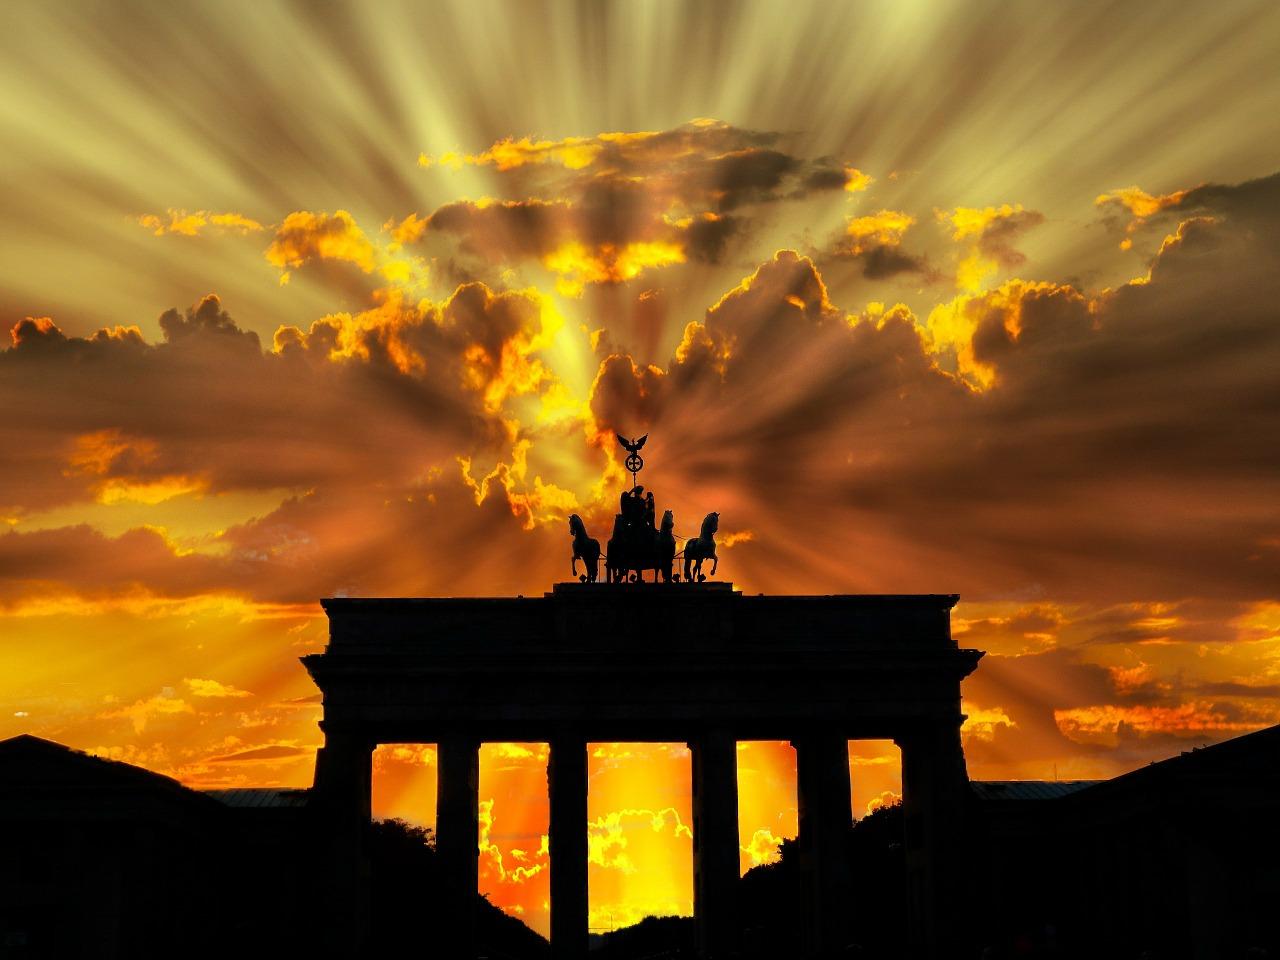 deutschland 1518026933